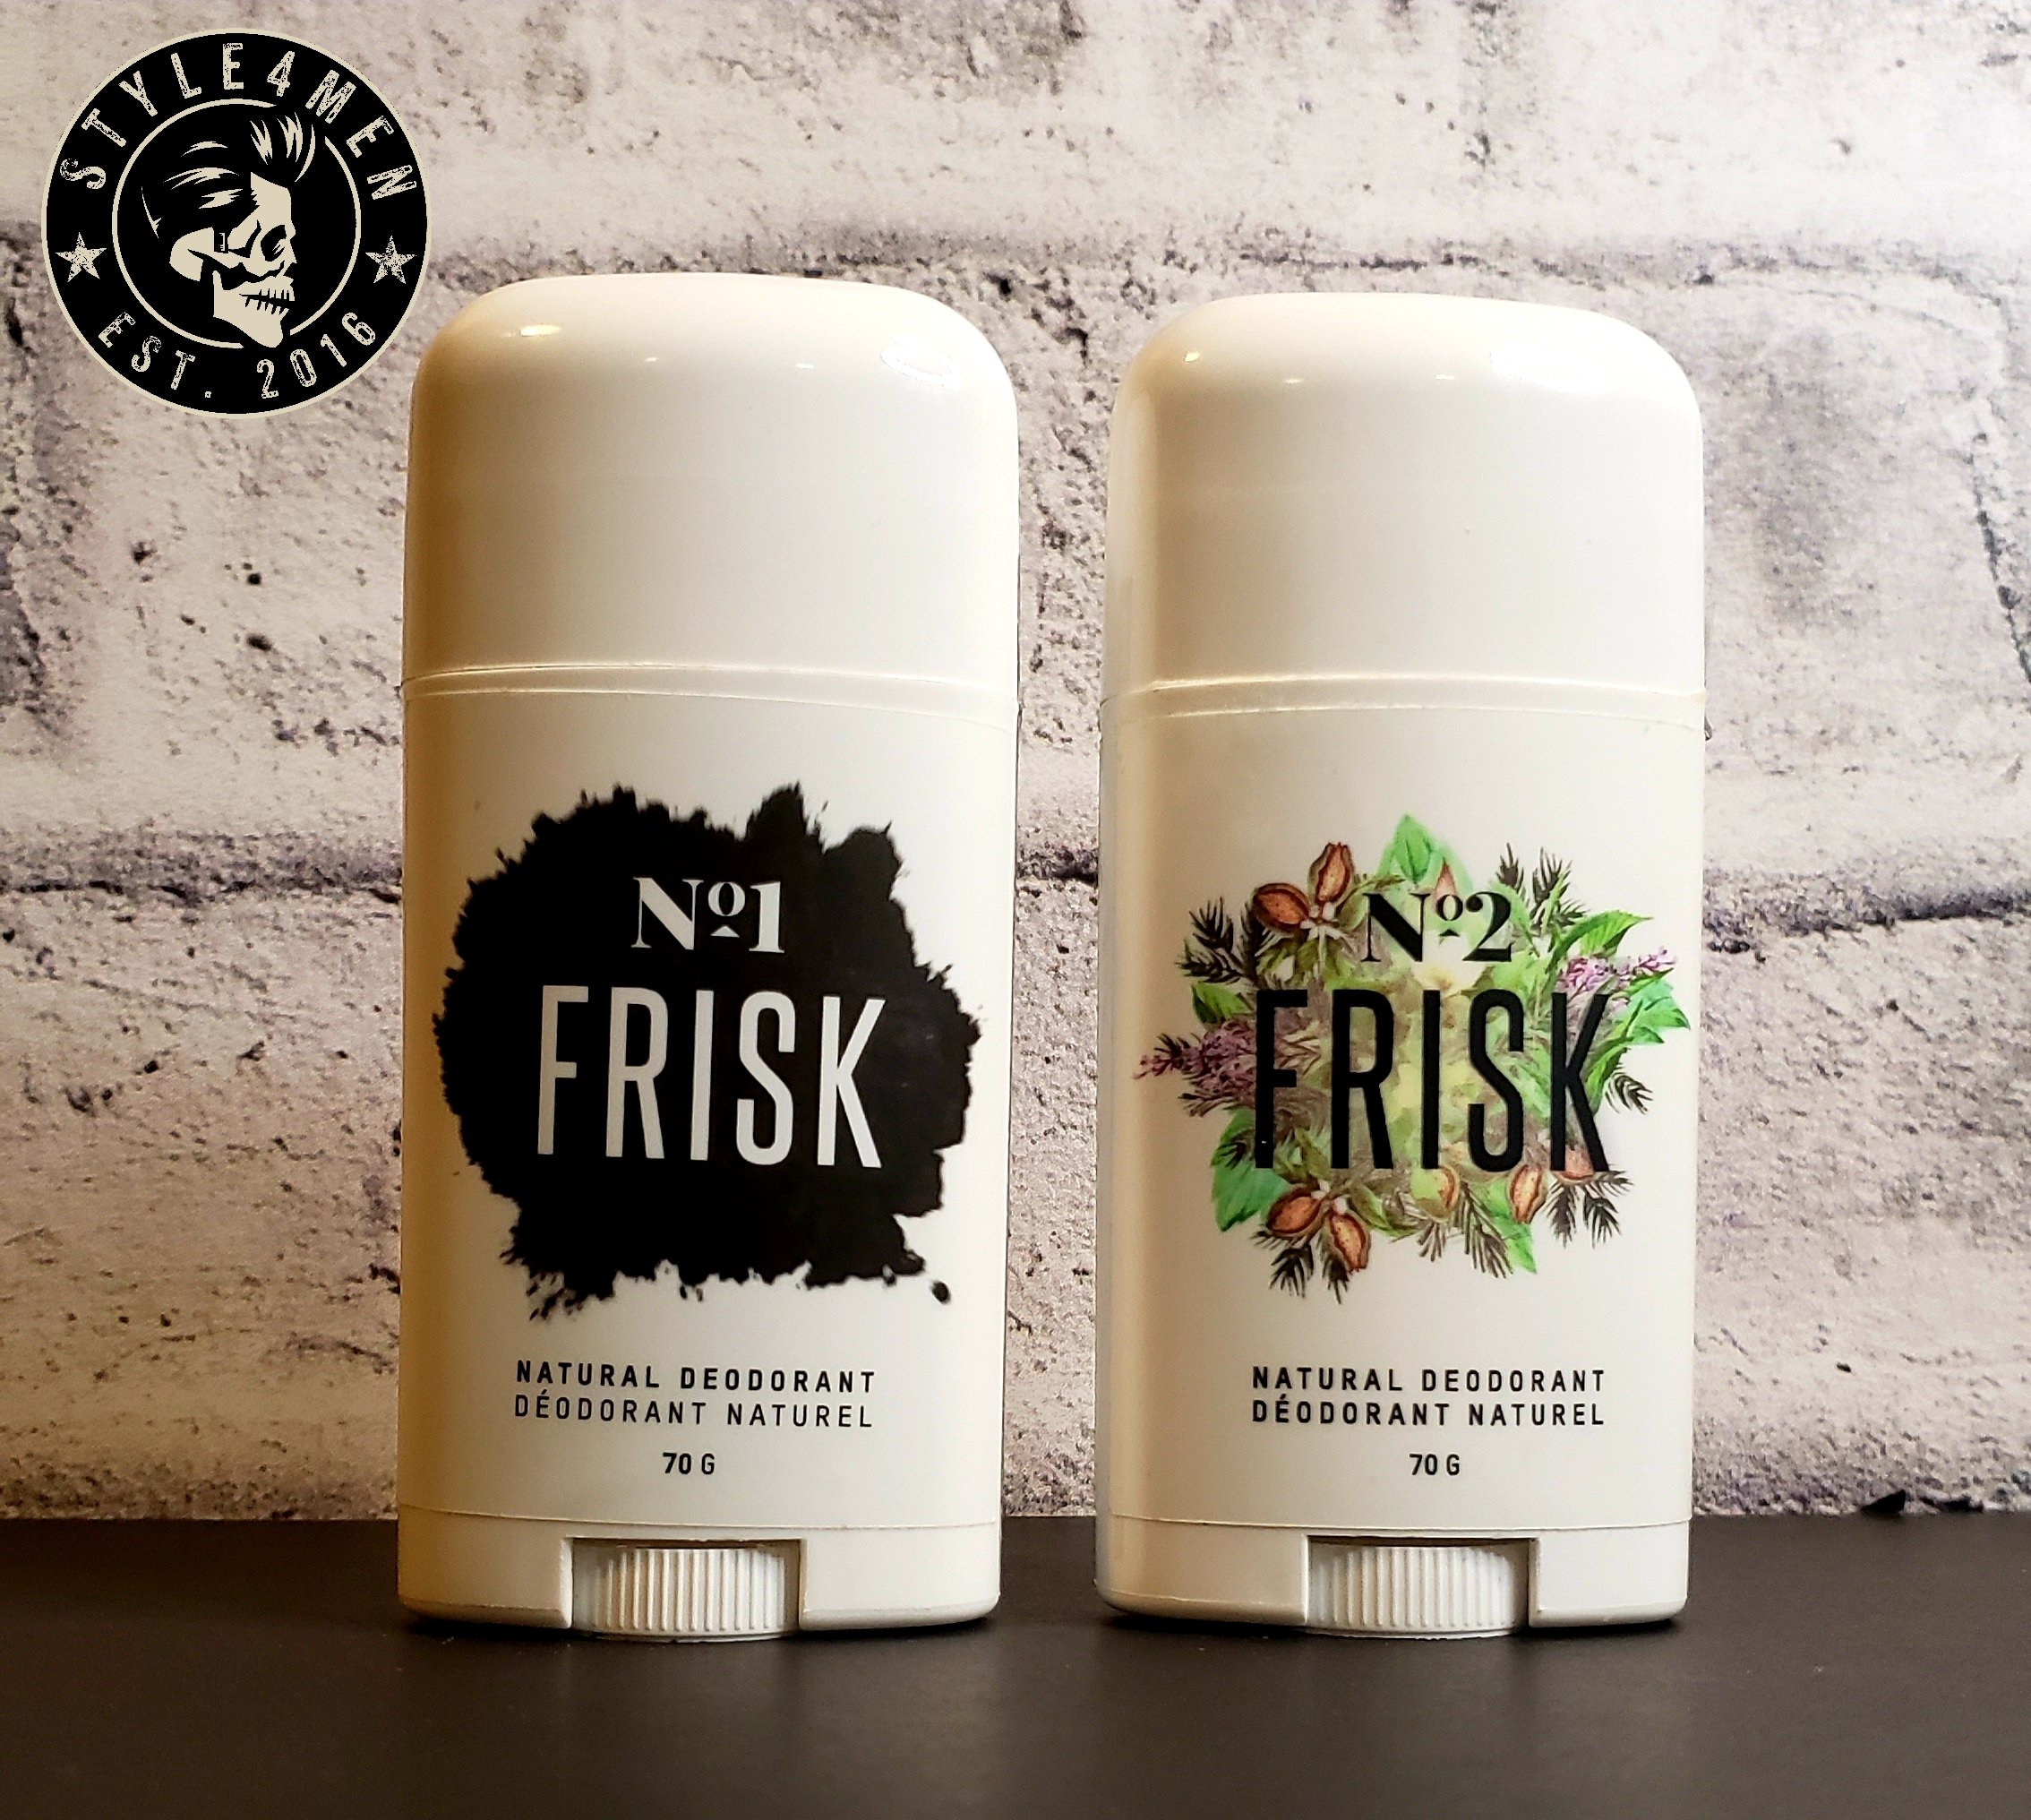 FRISK Deodorant